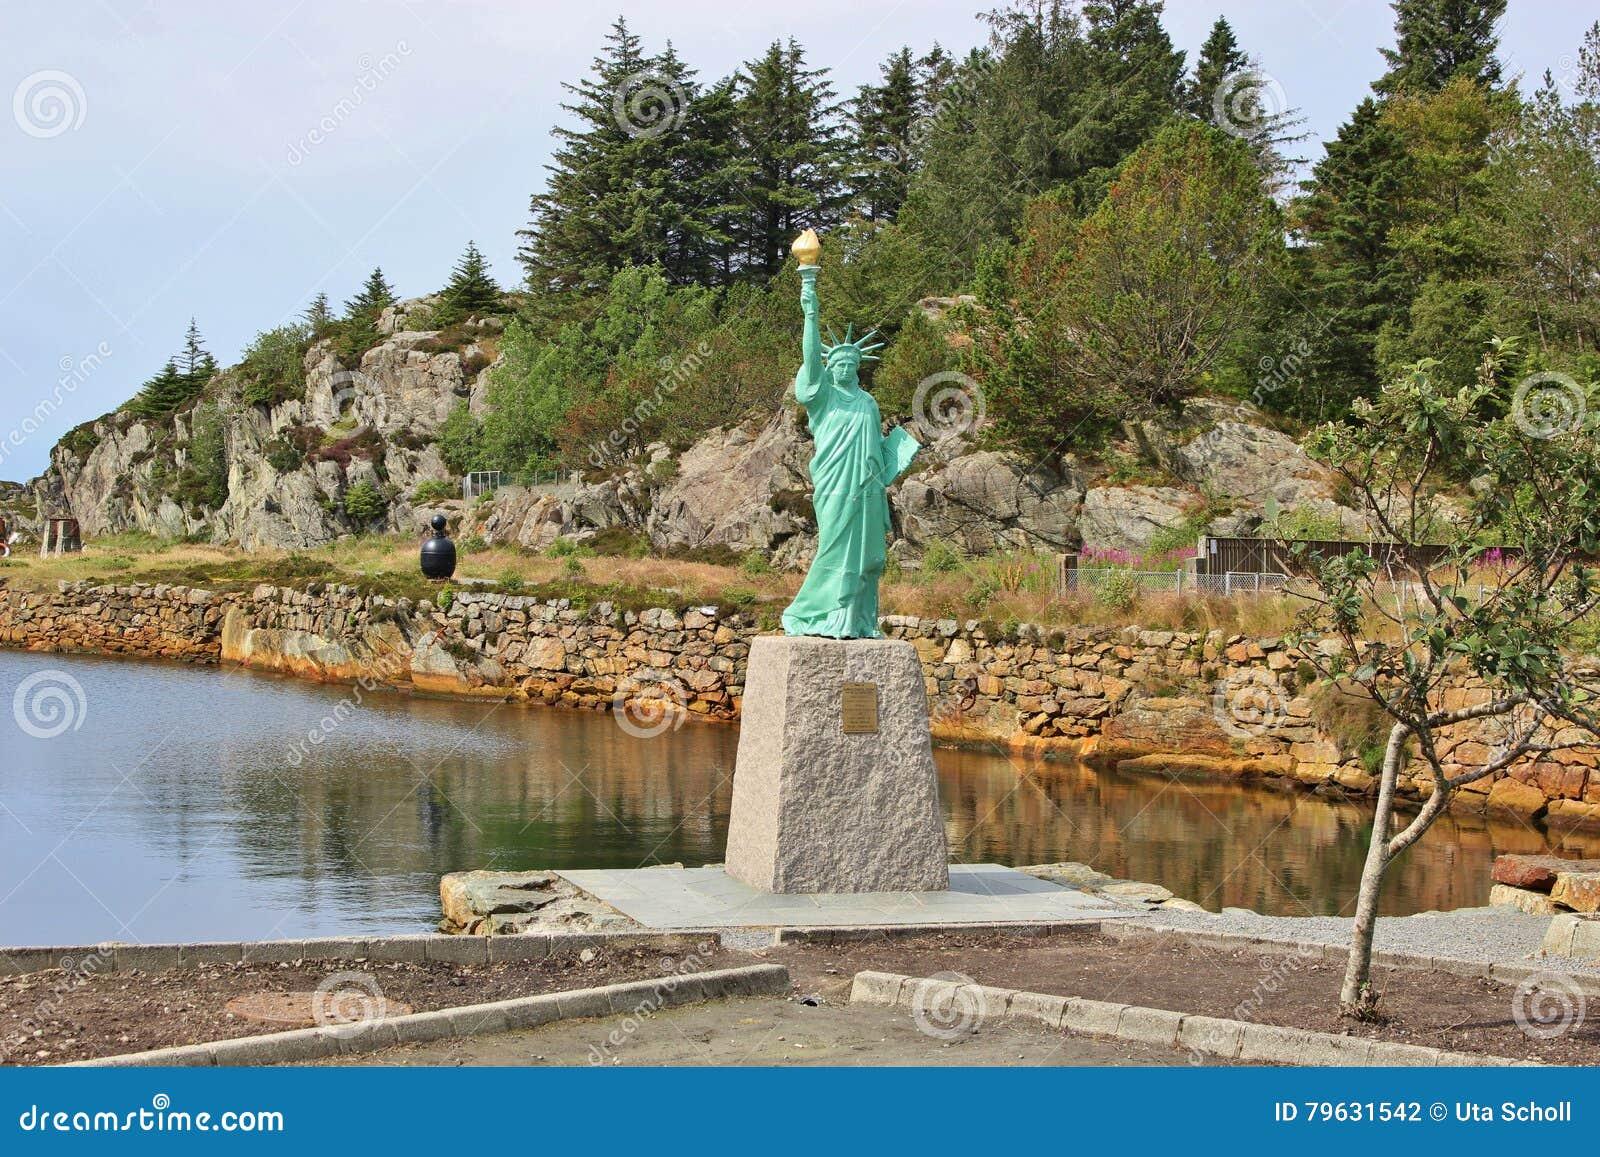 自由女神像的复制品,挪威